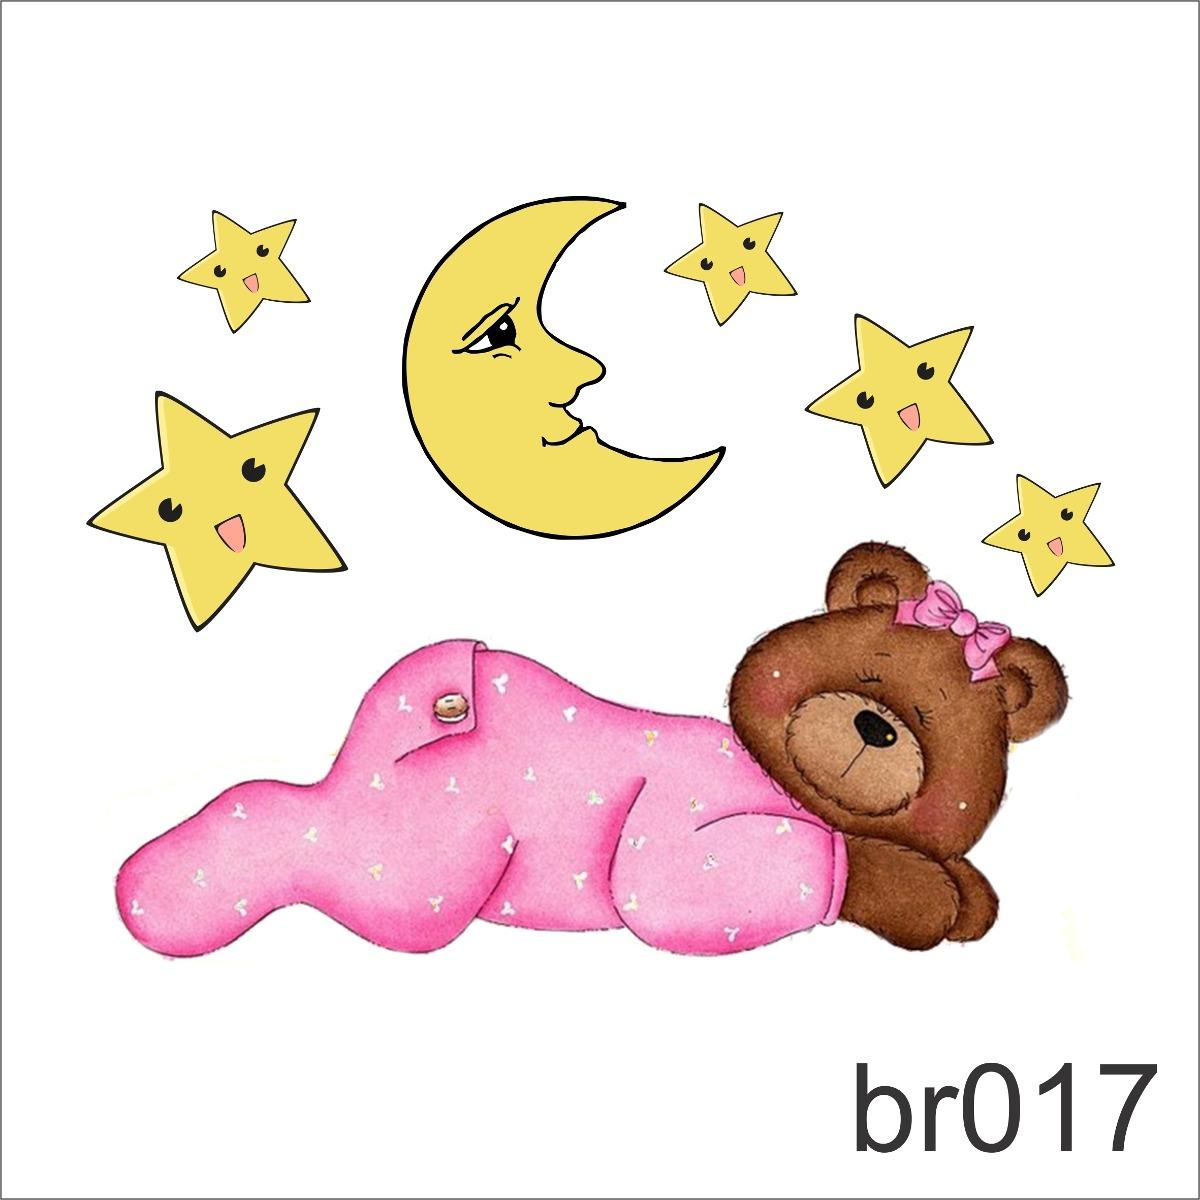 Adesivo Para Box De Banheiro Jateado ~ Adesivo Urso Ursinho Dormindo Cabeceira Cama Menina Br017 R$ 65,61 em Mercado Livre